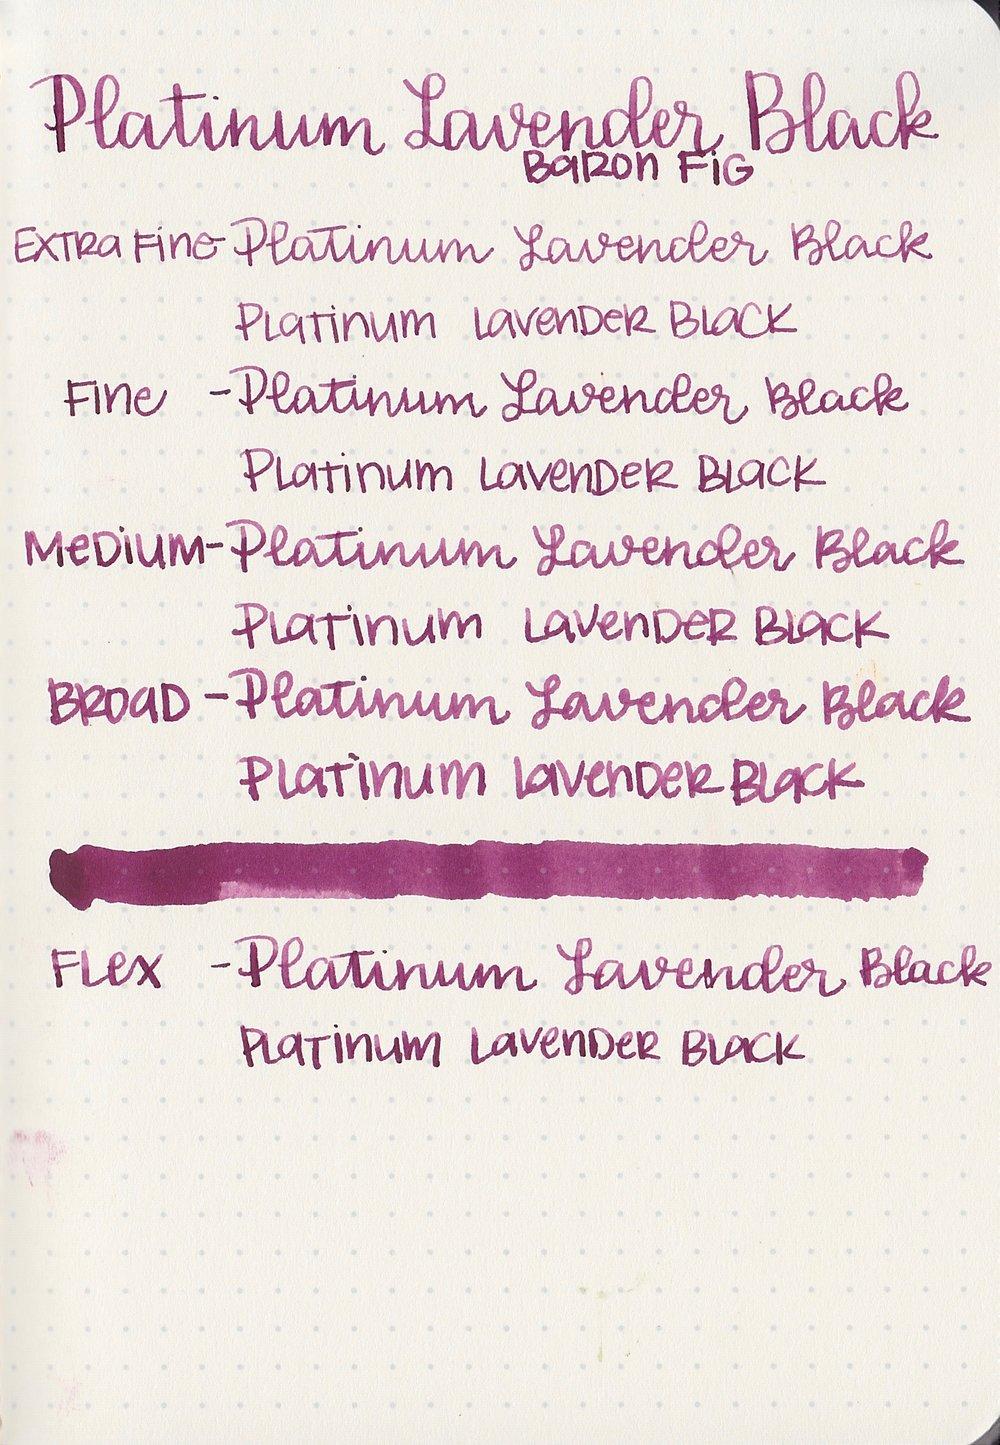 PlatinumLavenderBlack - 17.jpg